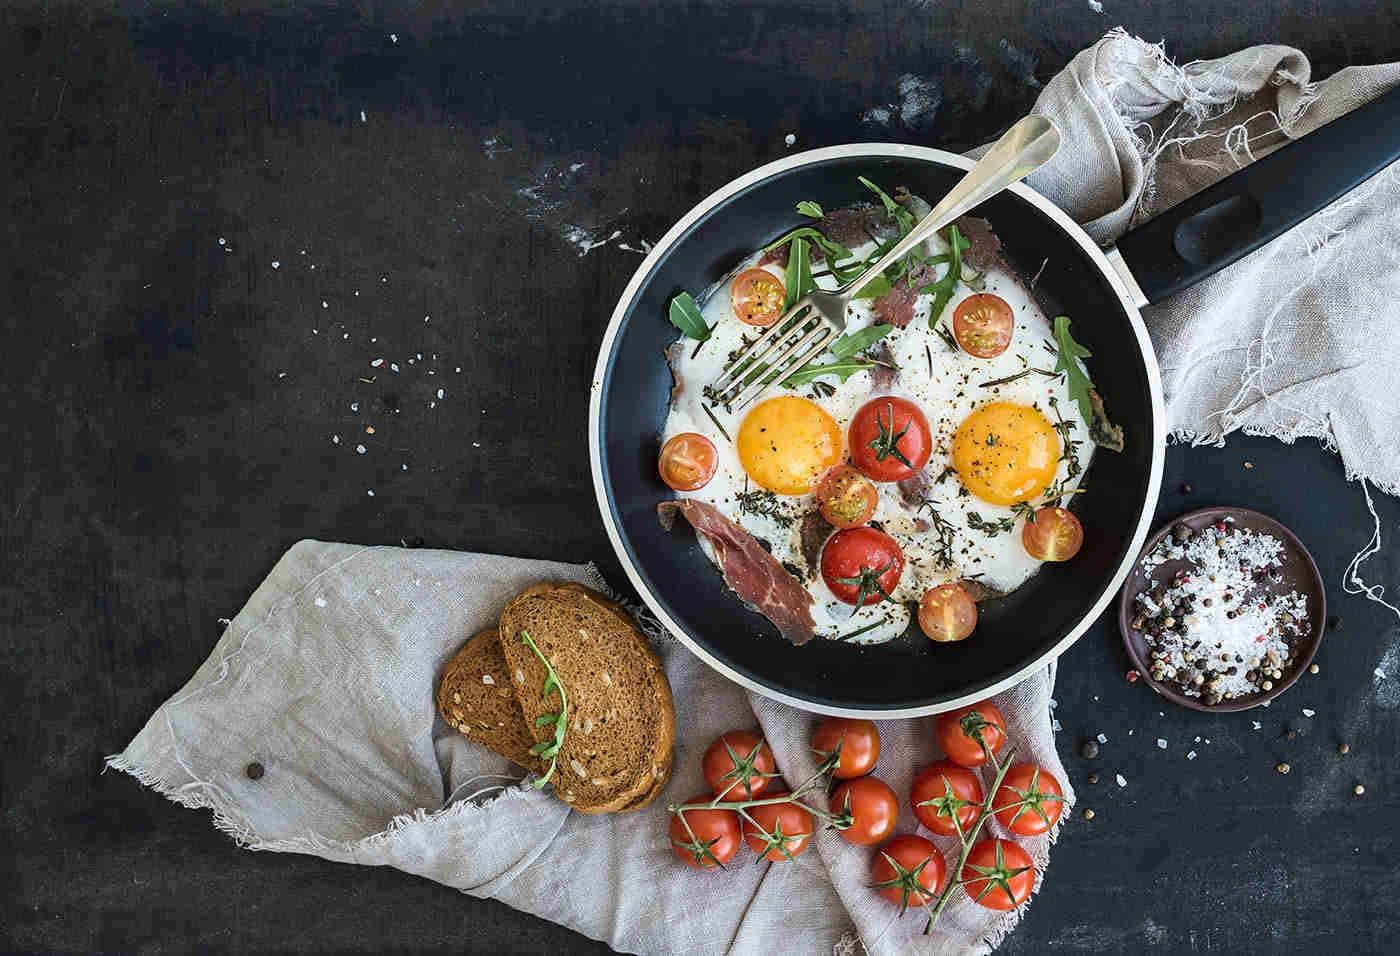 Un mic dejun consistent ajută la arderea unui număr mai mare de calorii [studiu]